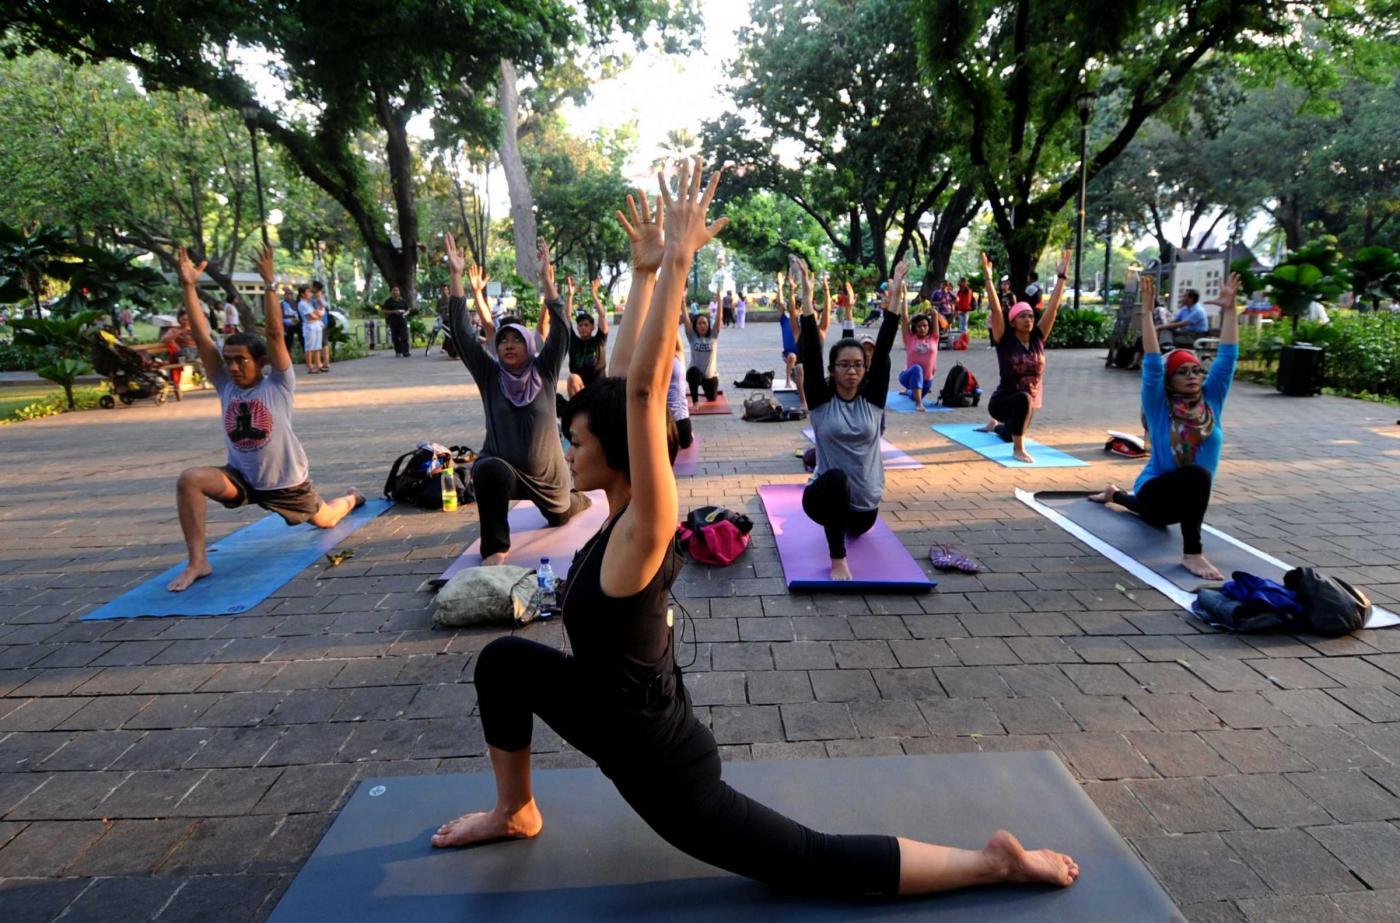 Ufficio Disegno Yoga : Yoga e ayurveda: tutti i benefici del saluto al sole il fatto